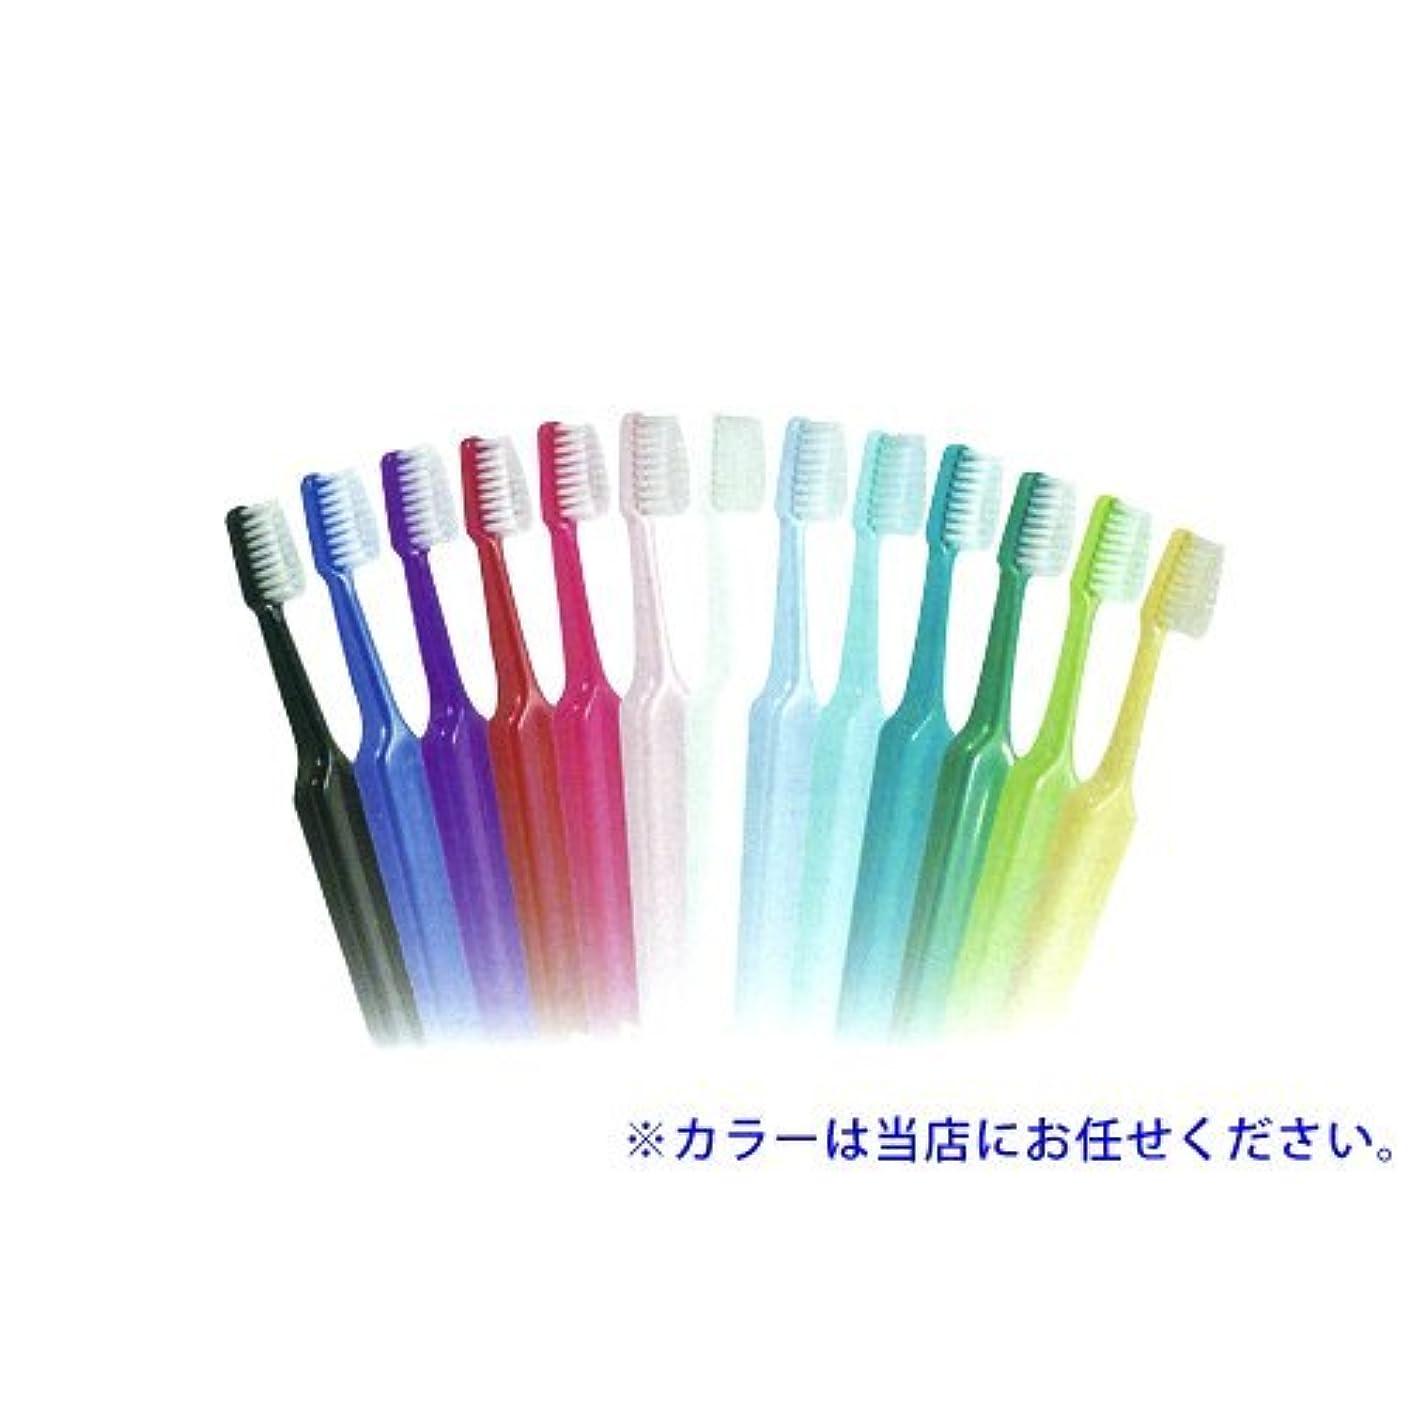 論理的生じるニュースクロスフィールド TePe テペ セレクトコンパクト 歯ブラシ 1本 コンパクト ミディアム